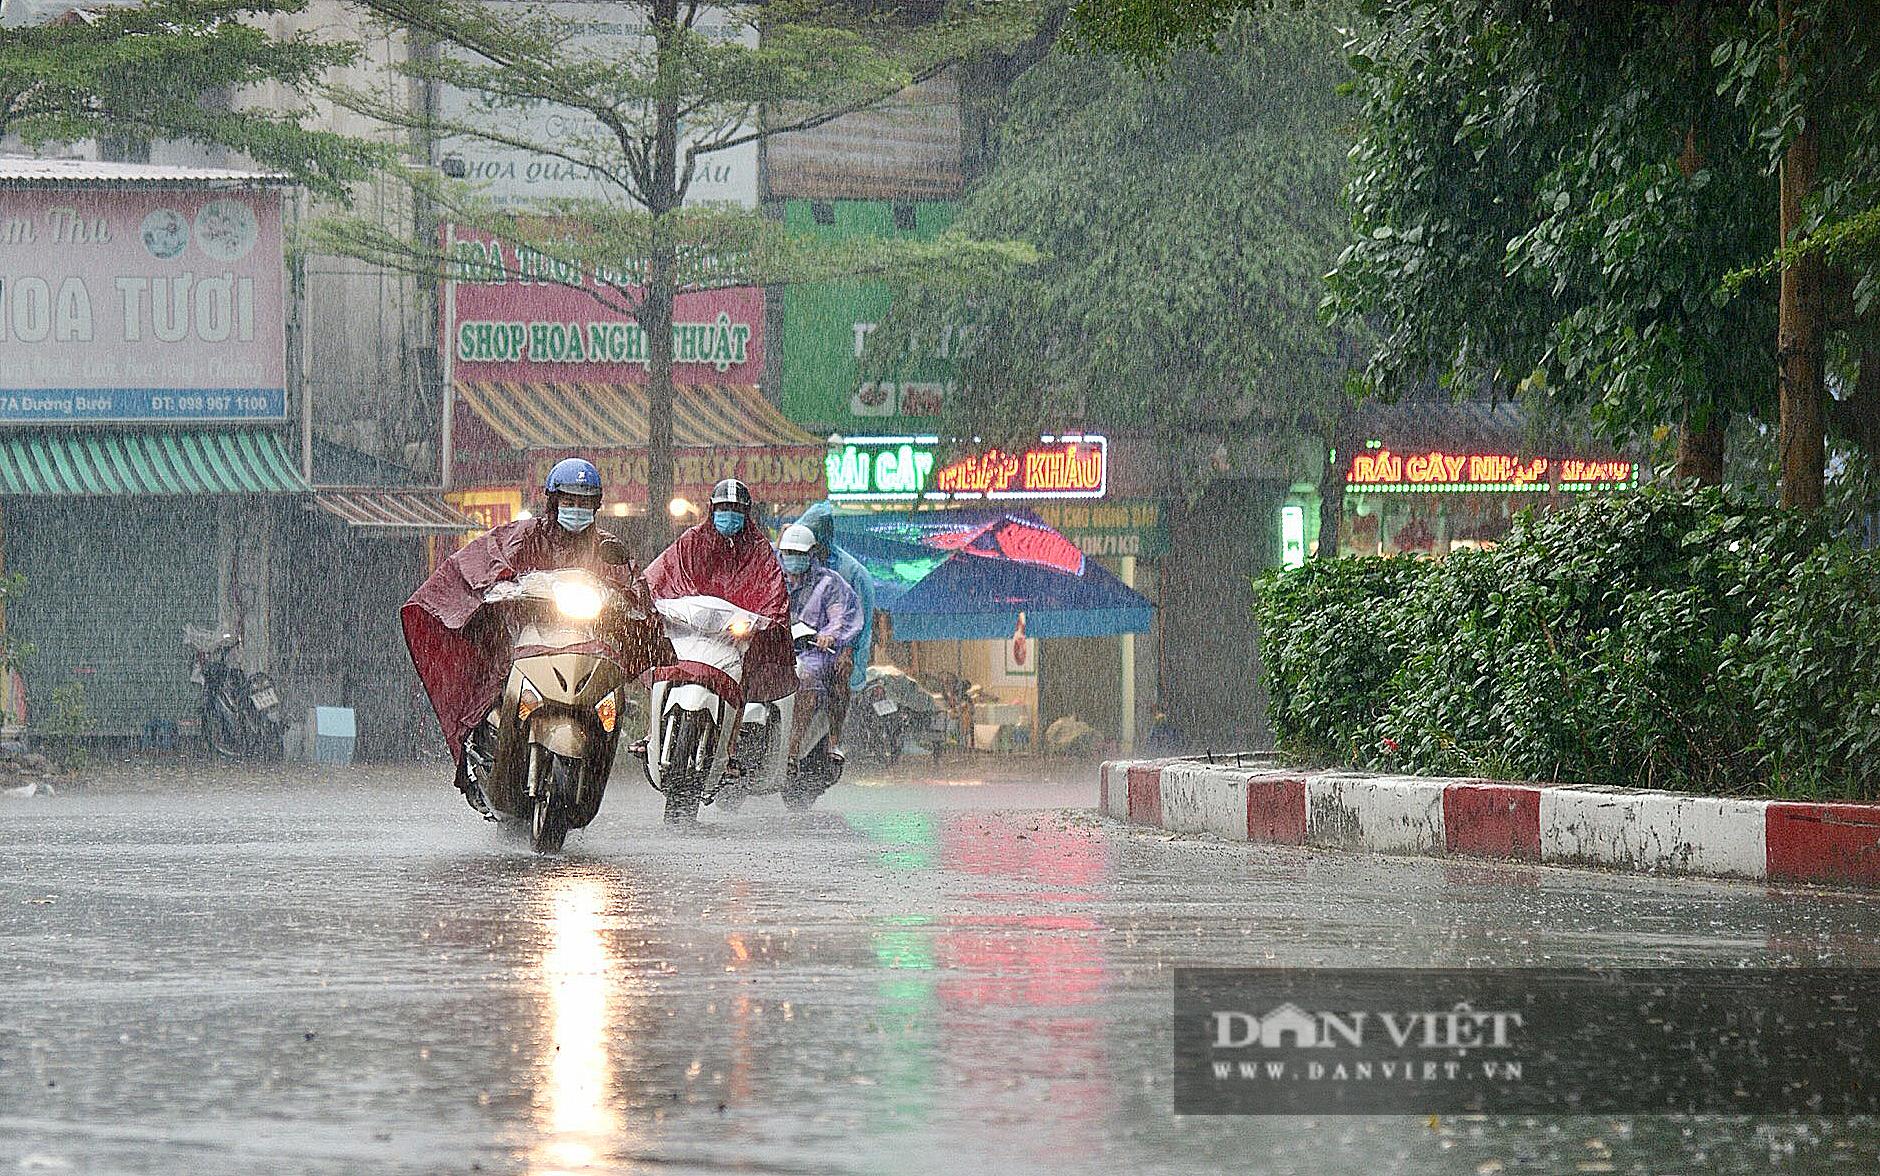 Bầu trời Hà Nội mưa liên tiếp, thời tiết mát mẻ sau nhiều ngày nắng nóng gần 40 độ C - Ảnh 6.